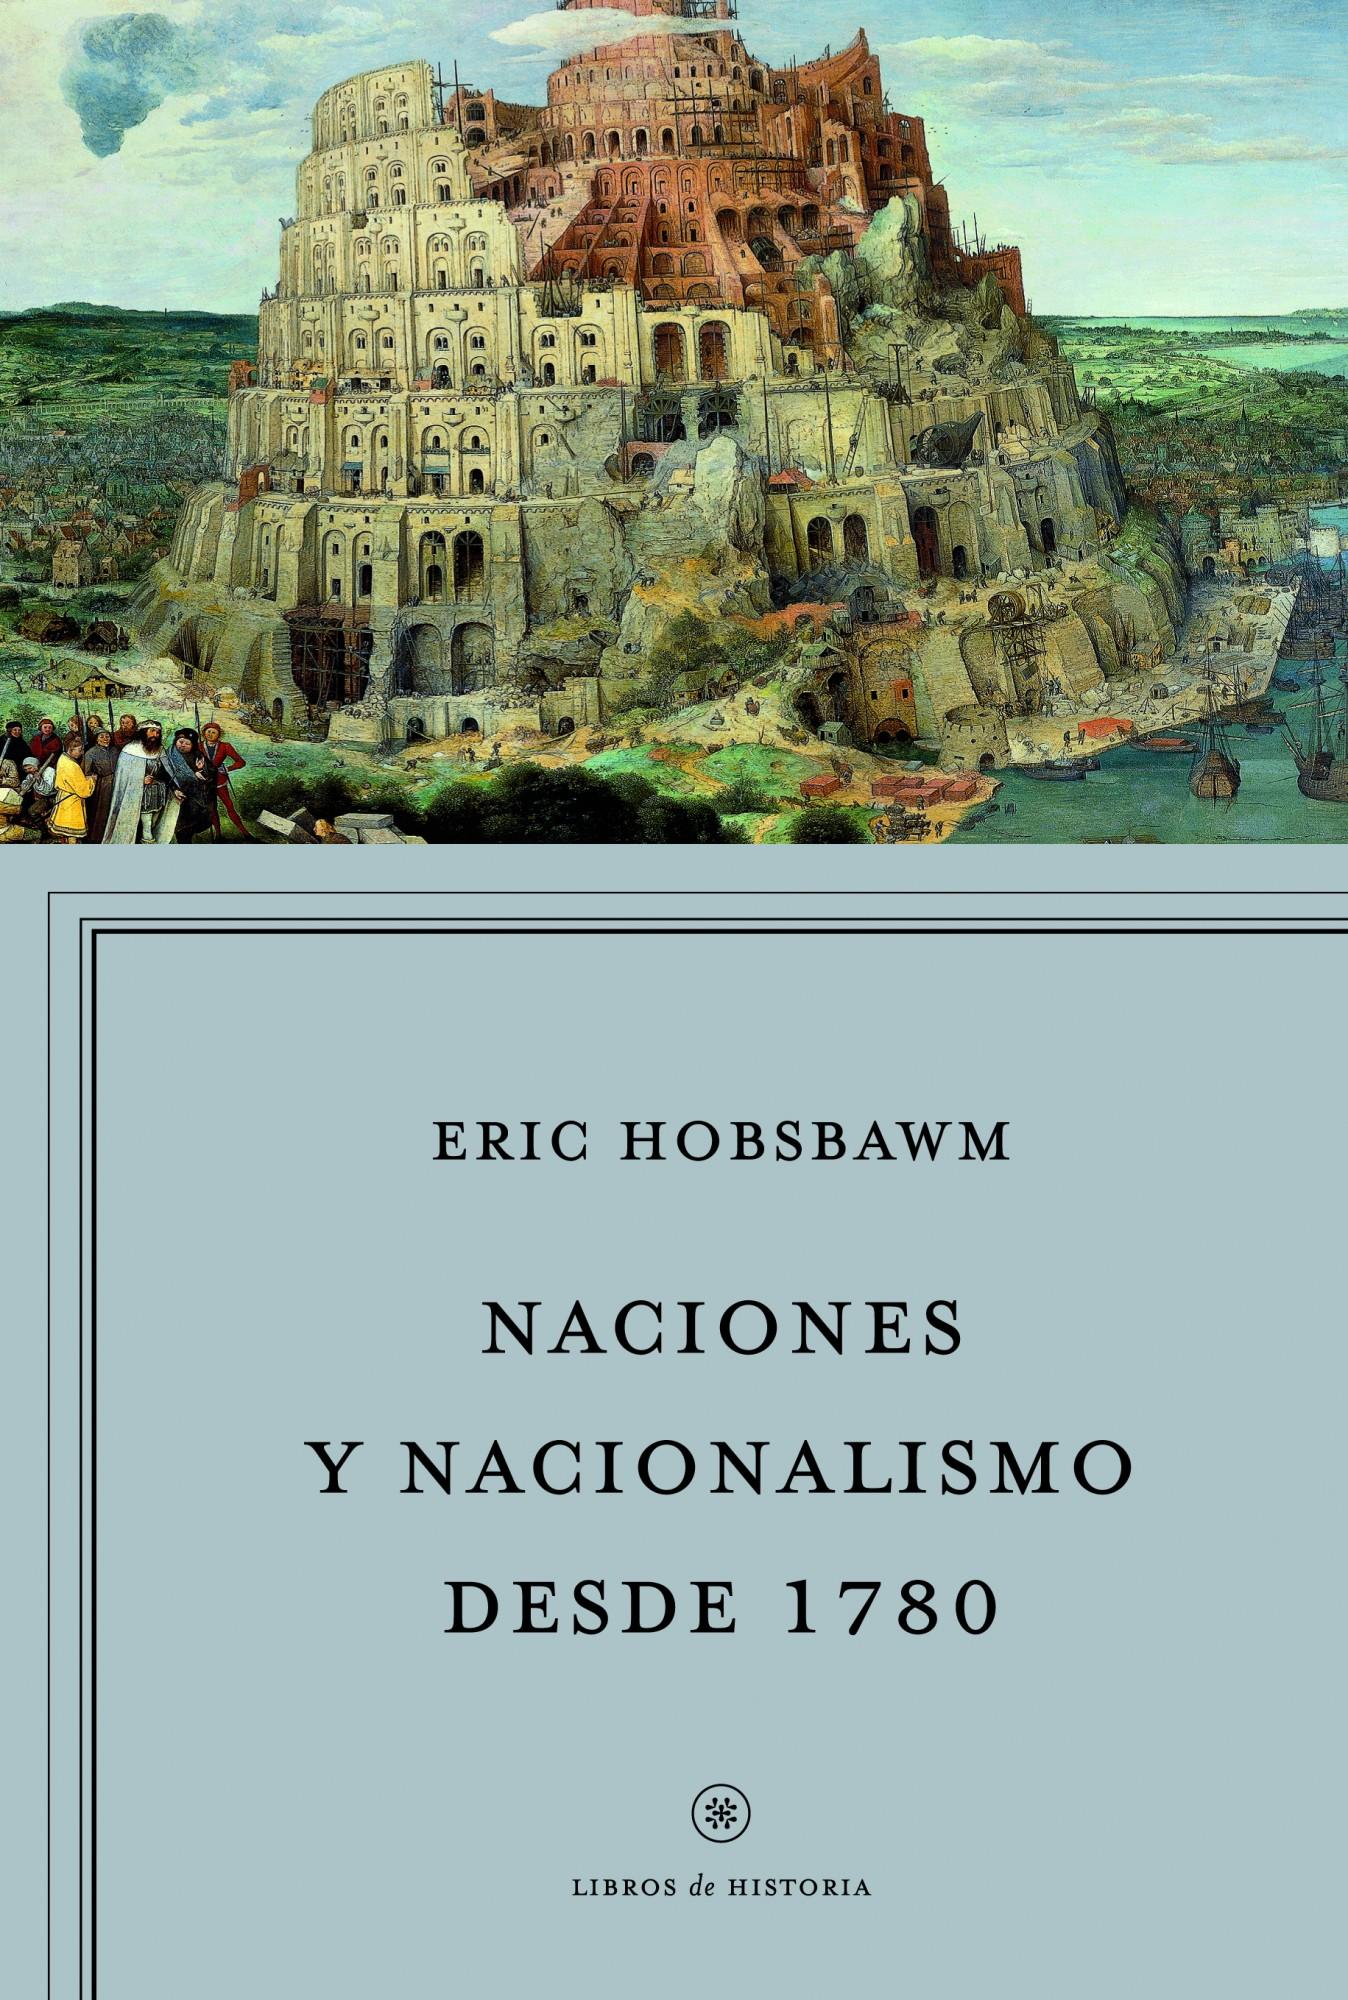 Naciones y nacionalismo desde 1780; eric hobsbawm